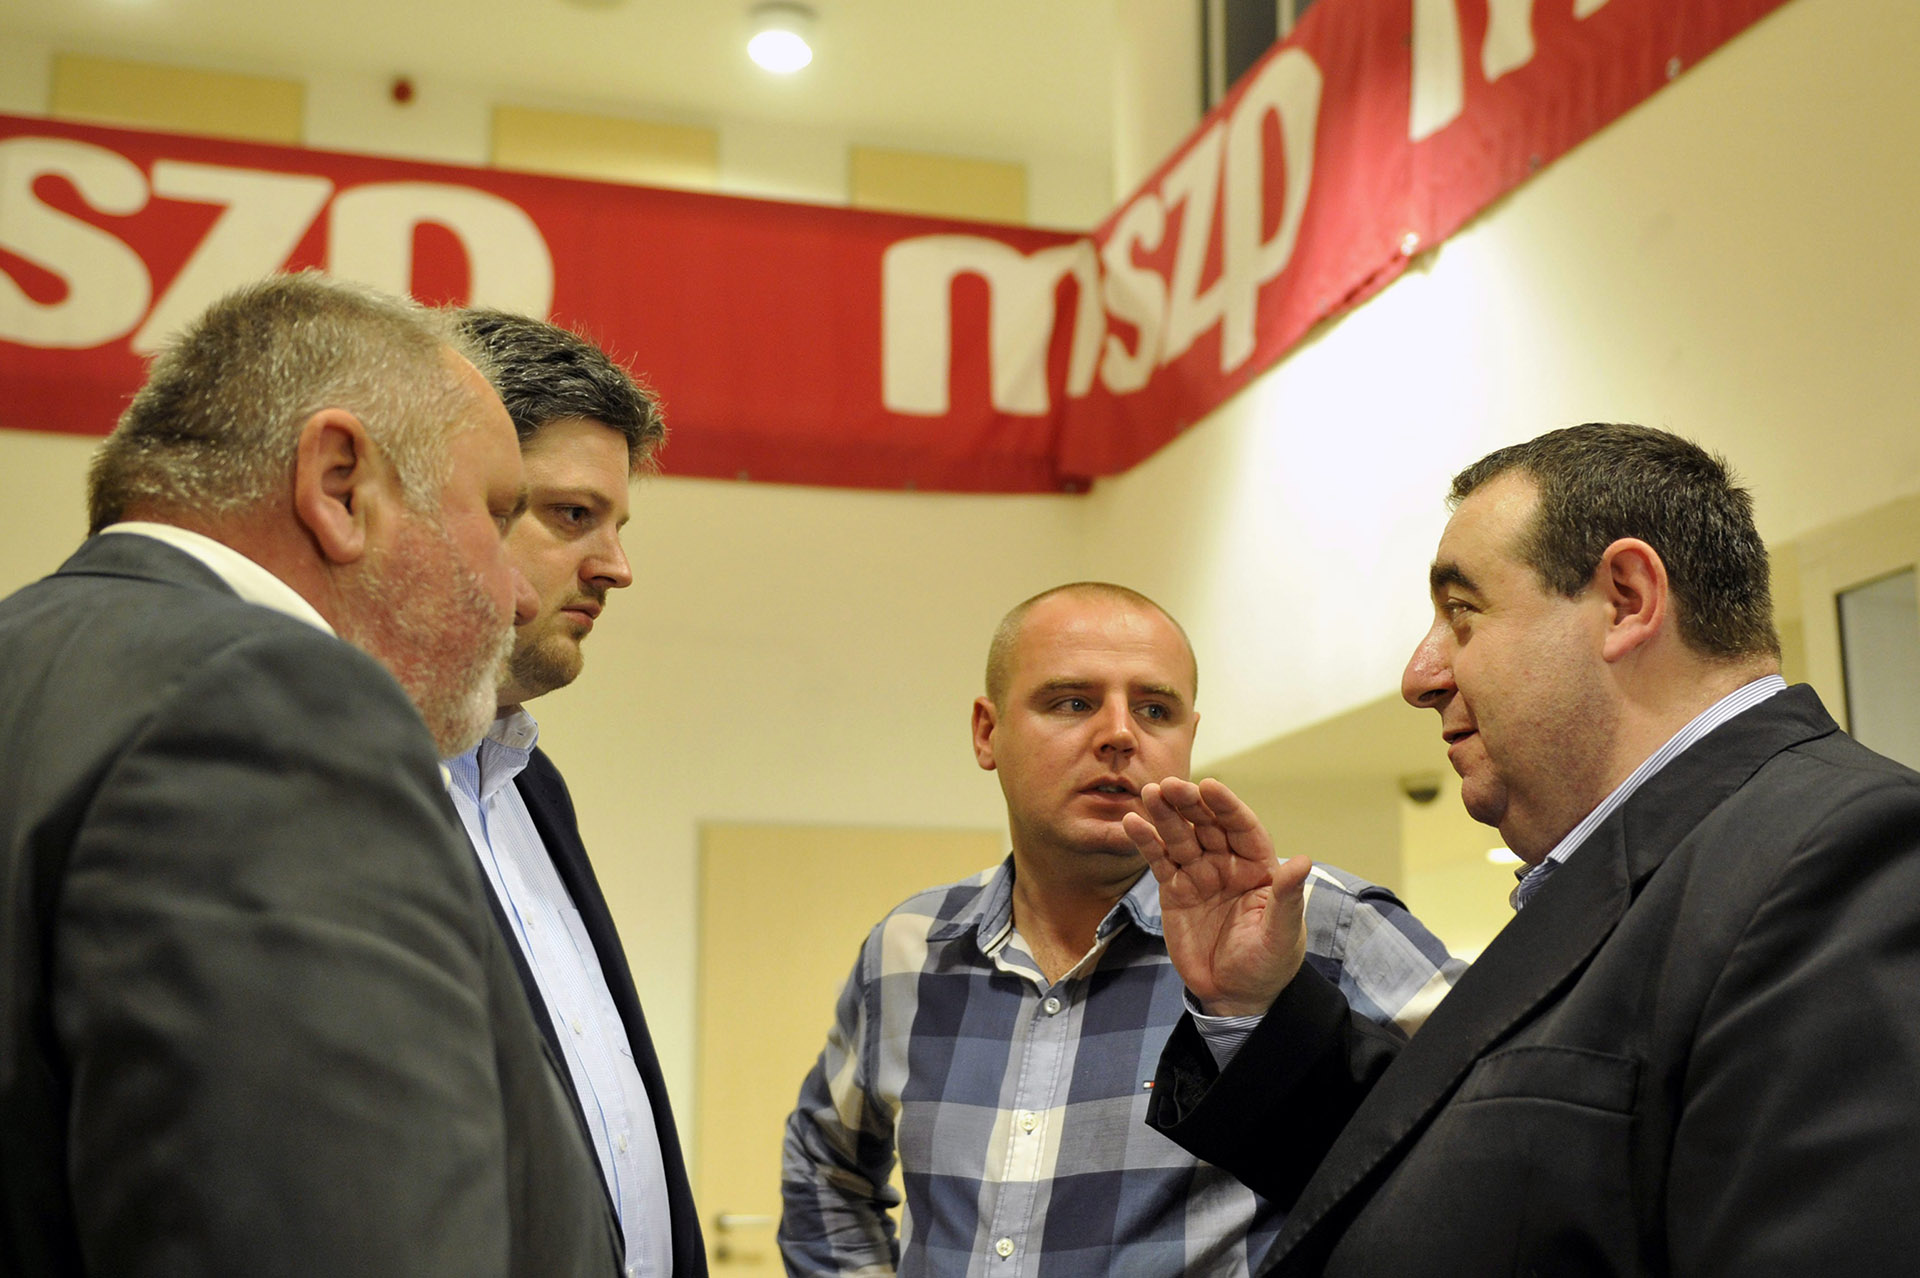 Kiderült, miért mentették fel a csempészcigit szállító volt MSZP-s parlamenti képviselőt, Legény Zsoltot